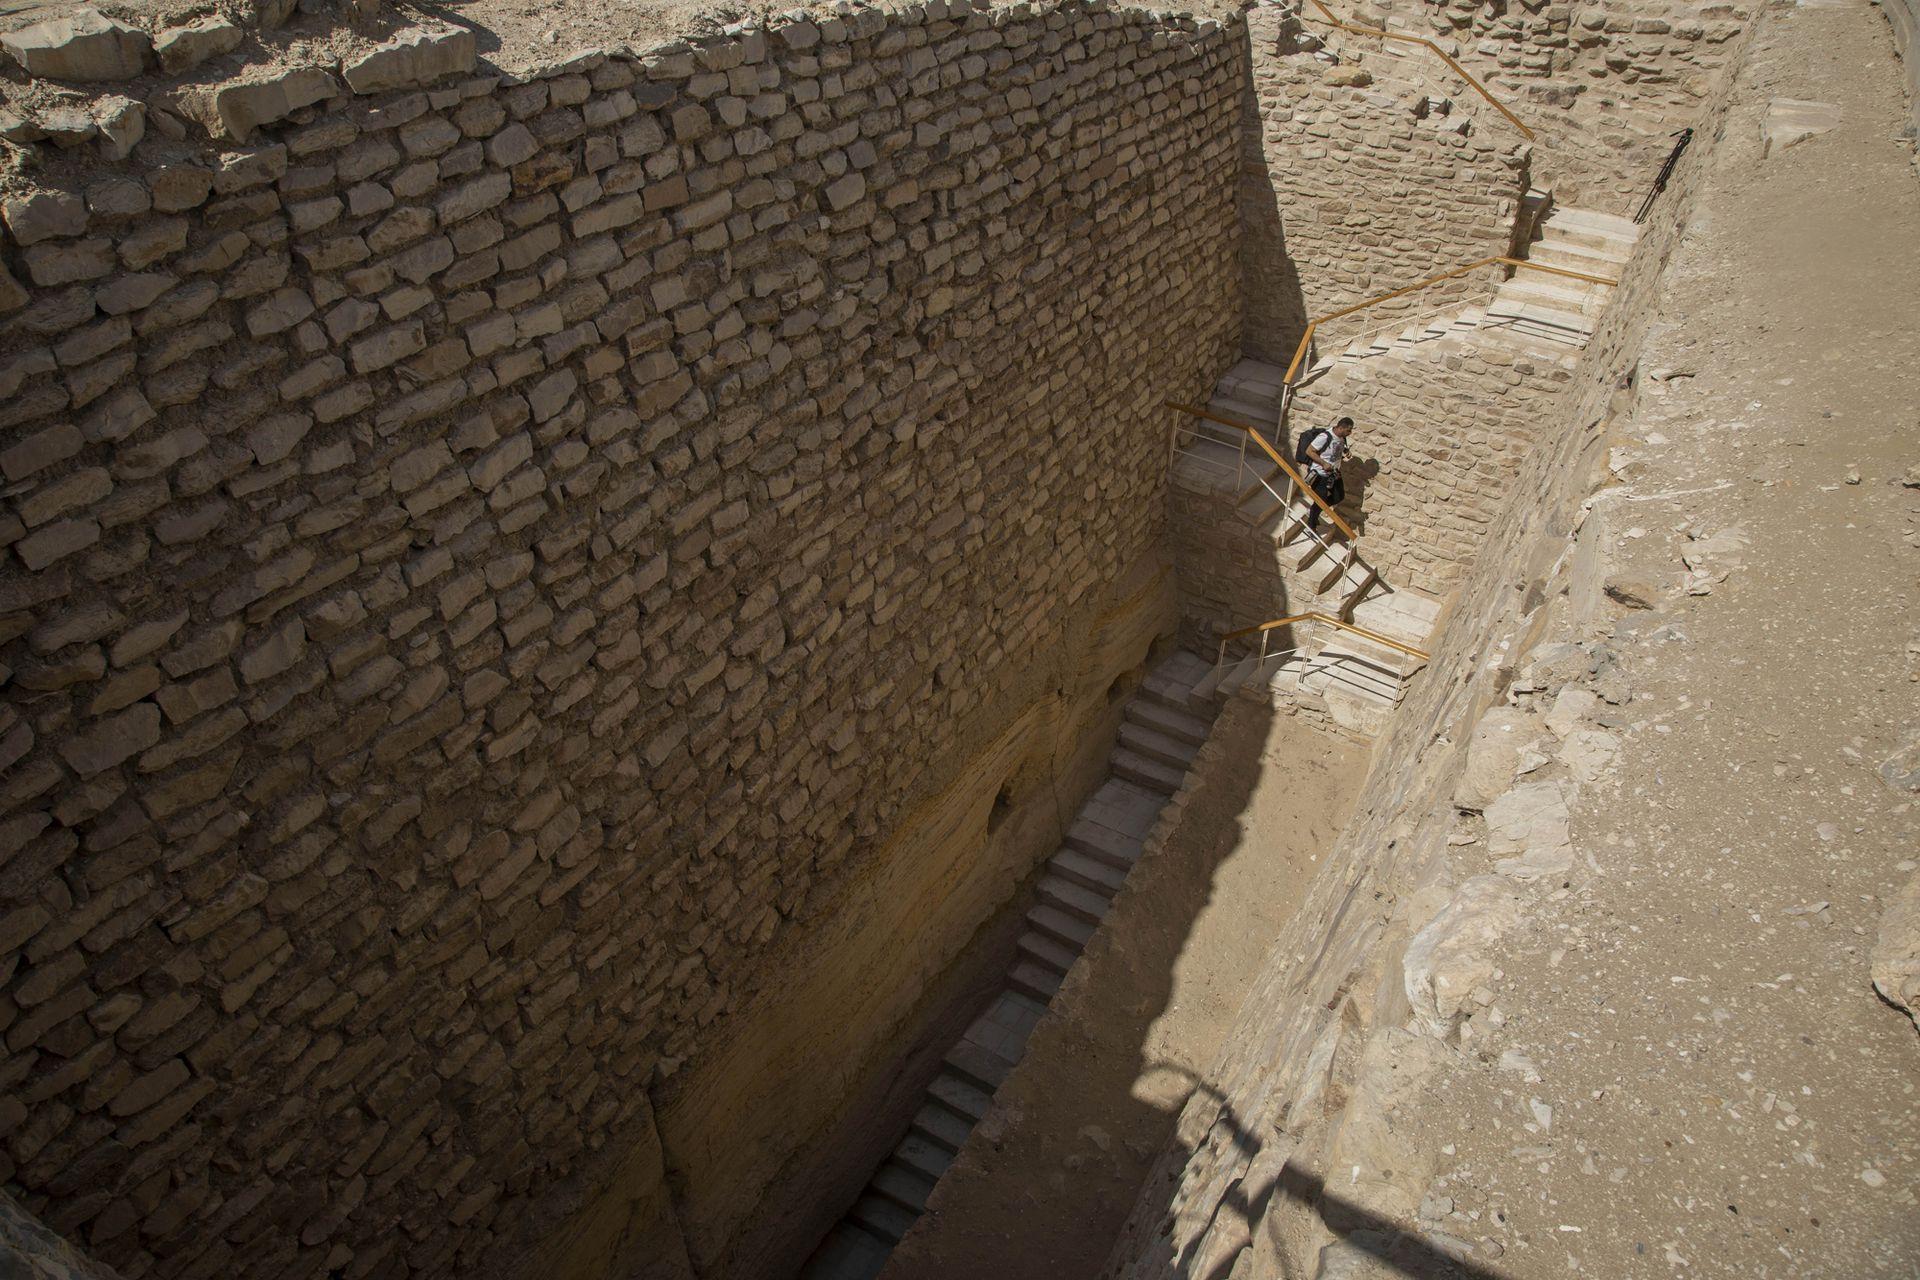 Un periodista baja las escaleras hacia el cementerio sur del rey Djoser, para filmarlo después de su restauración